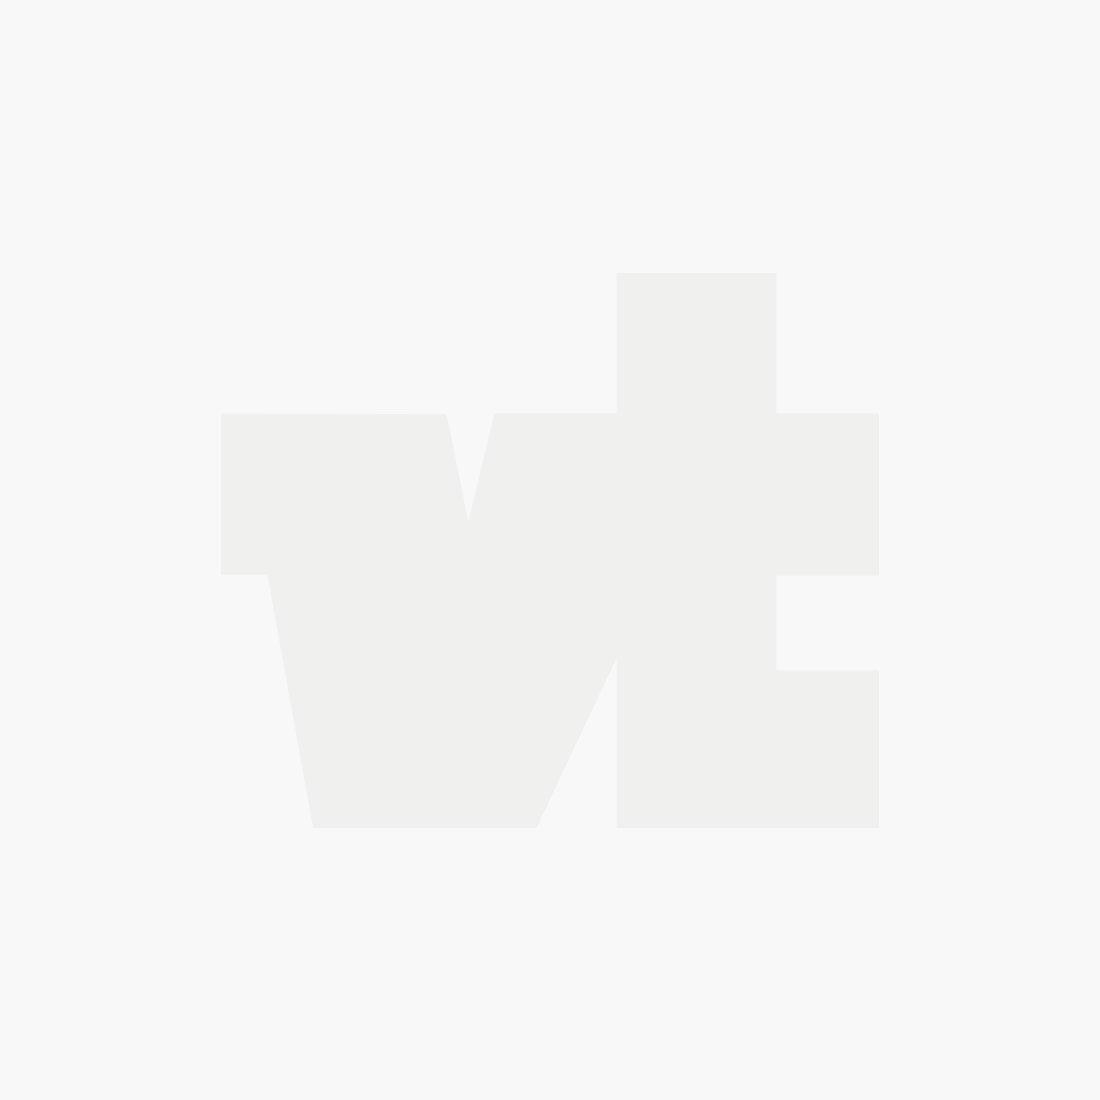 Wickley jacket slate green